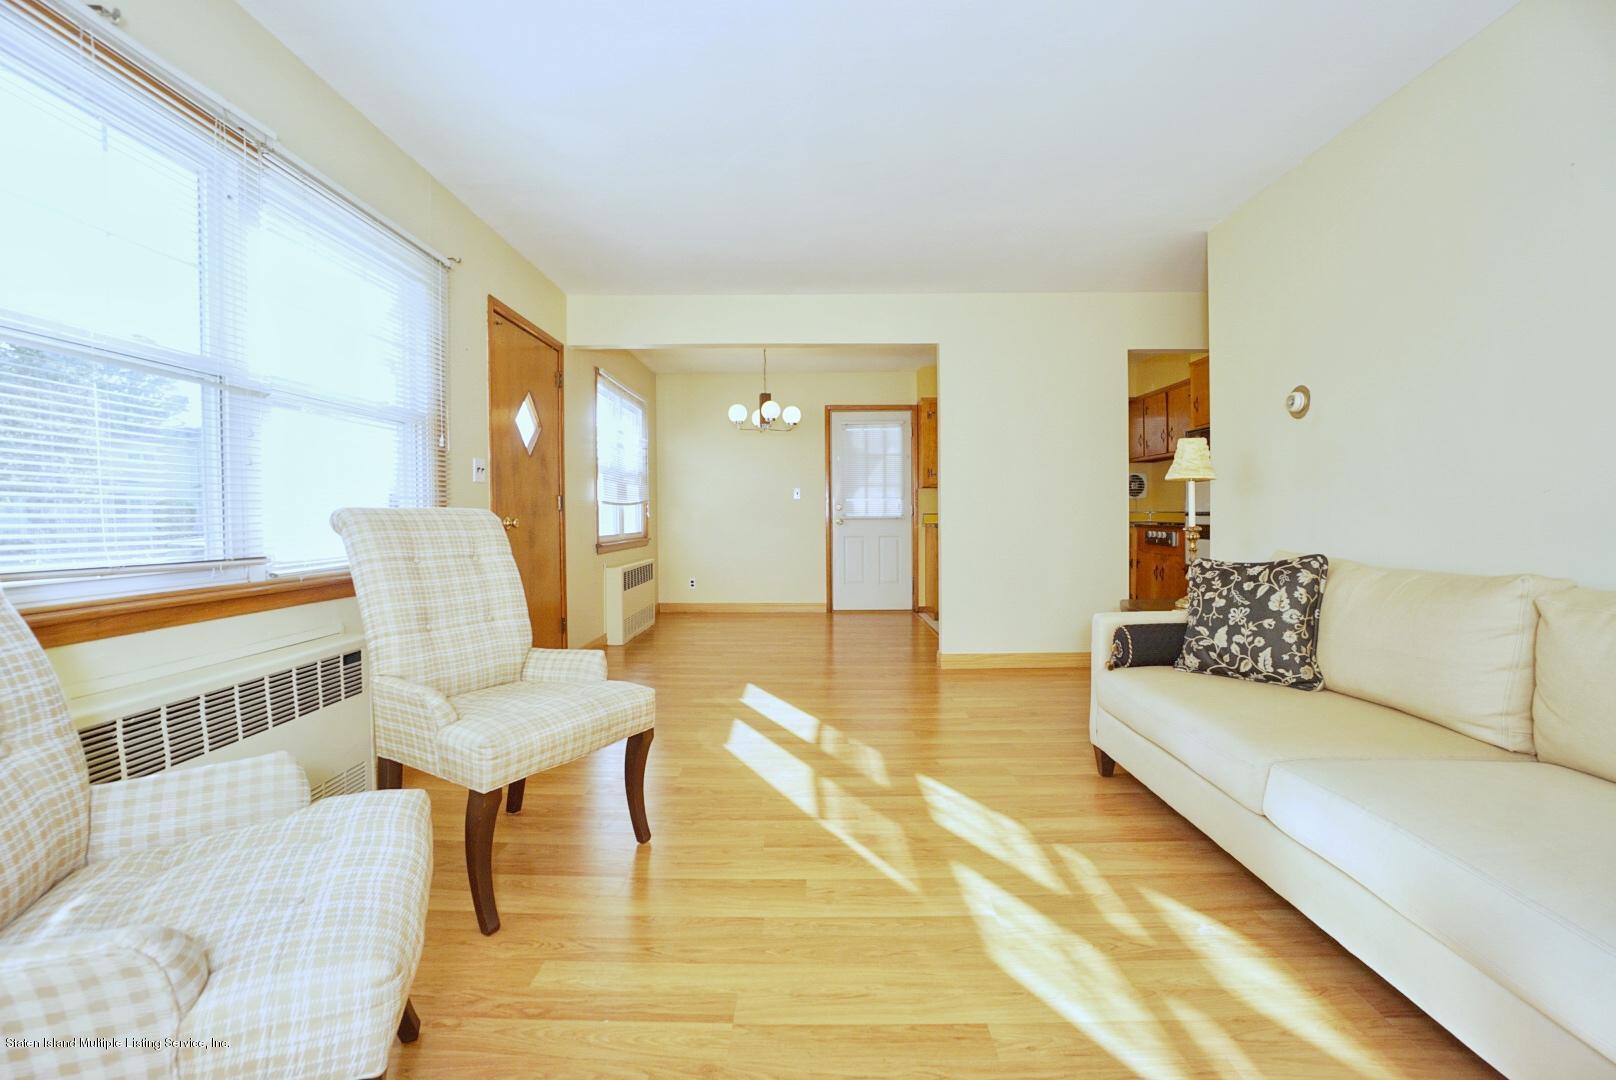 Single Family - Detached 215 Fairbanks Avenue  Staten Island, NY 10306, MLS-1138817-9